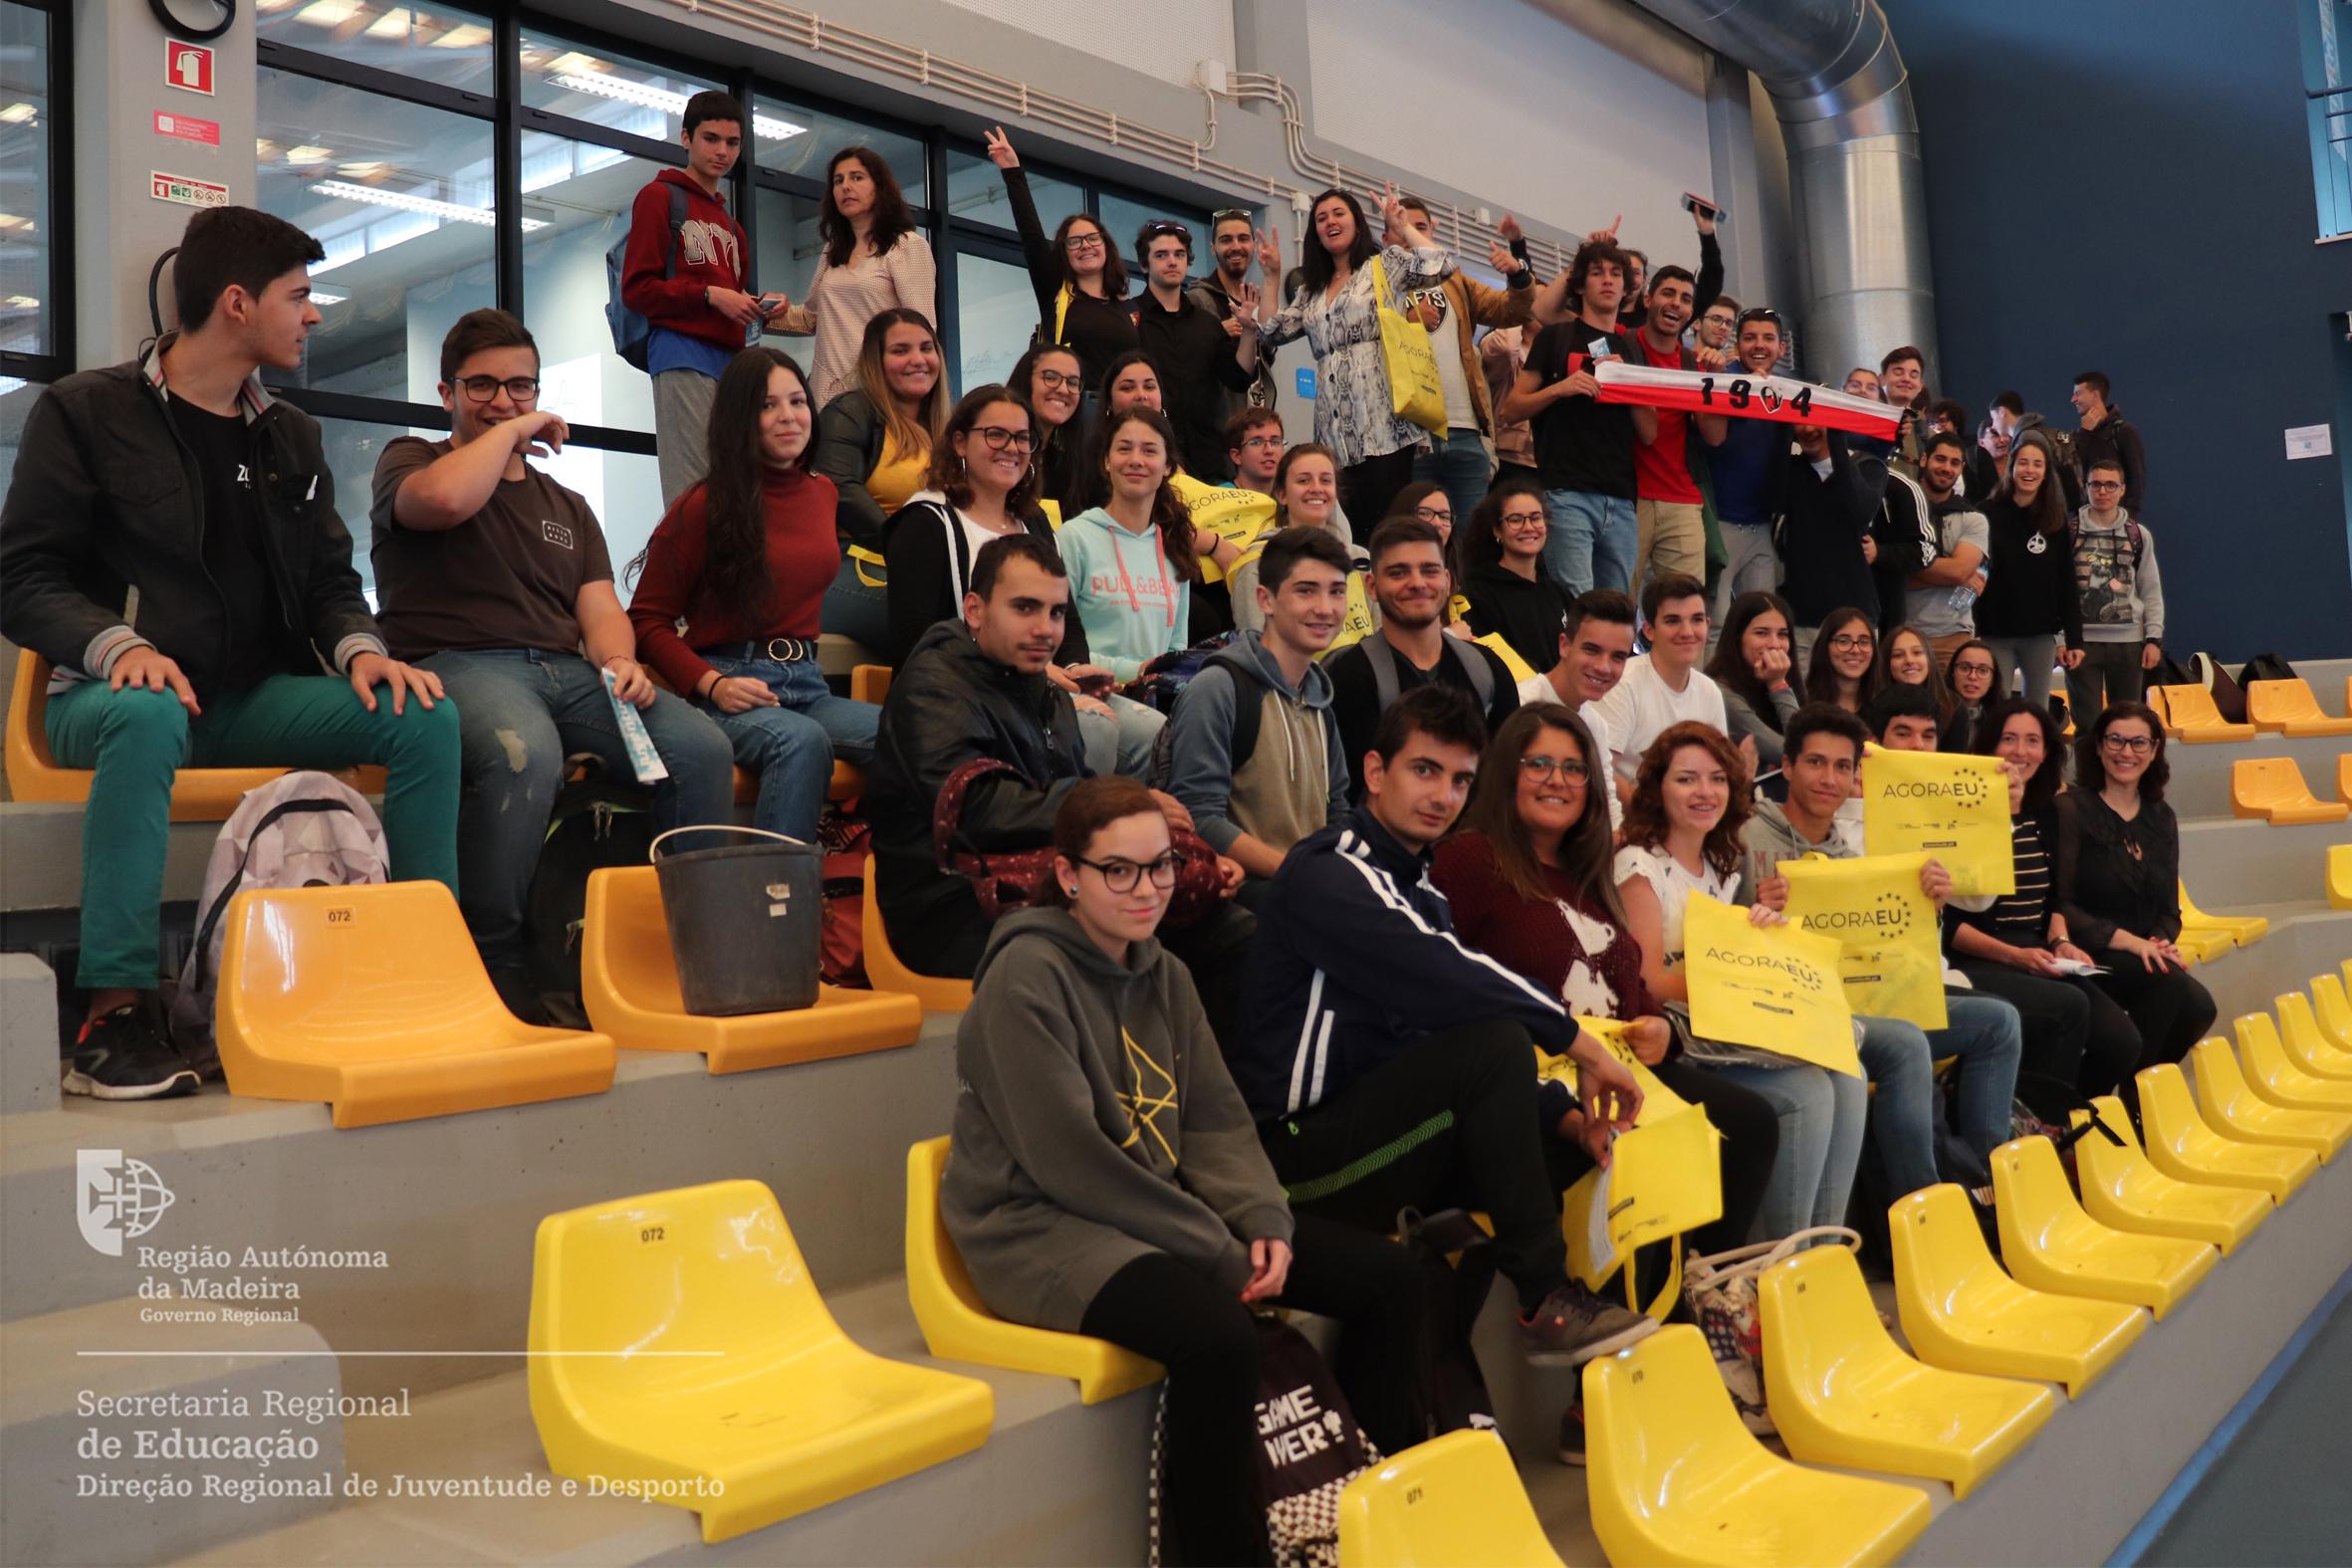 Porto Santo acolheu a Semana Europeia da Juventude da Madeira